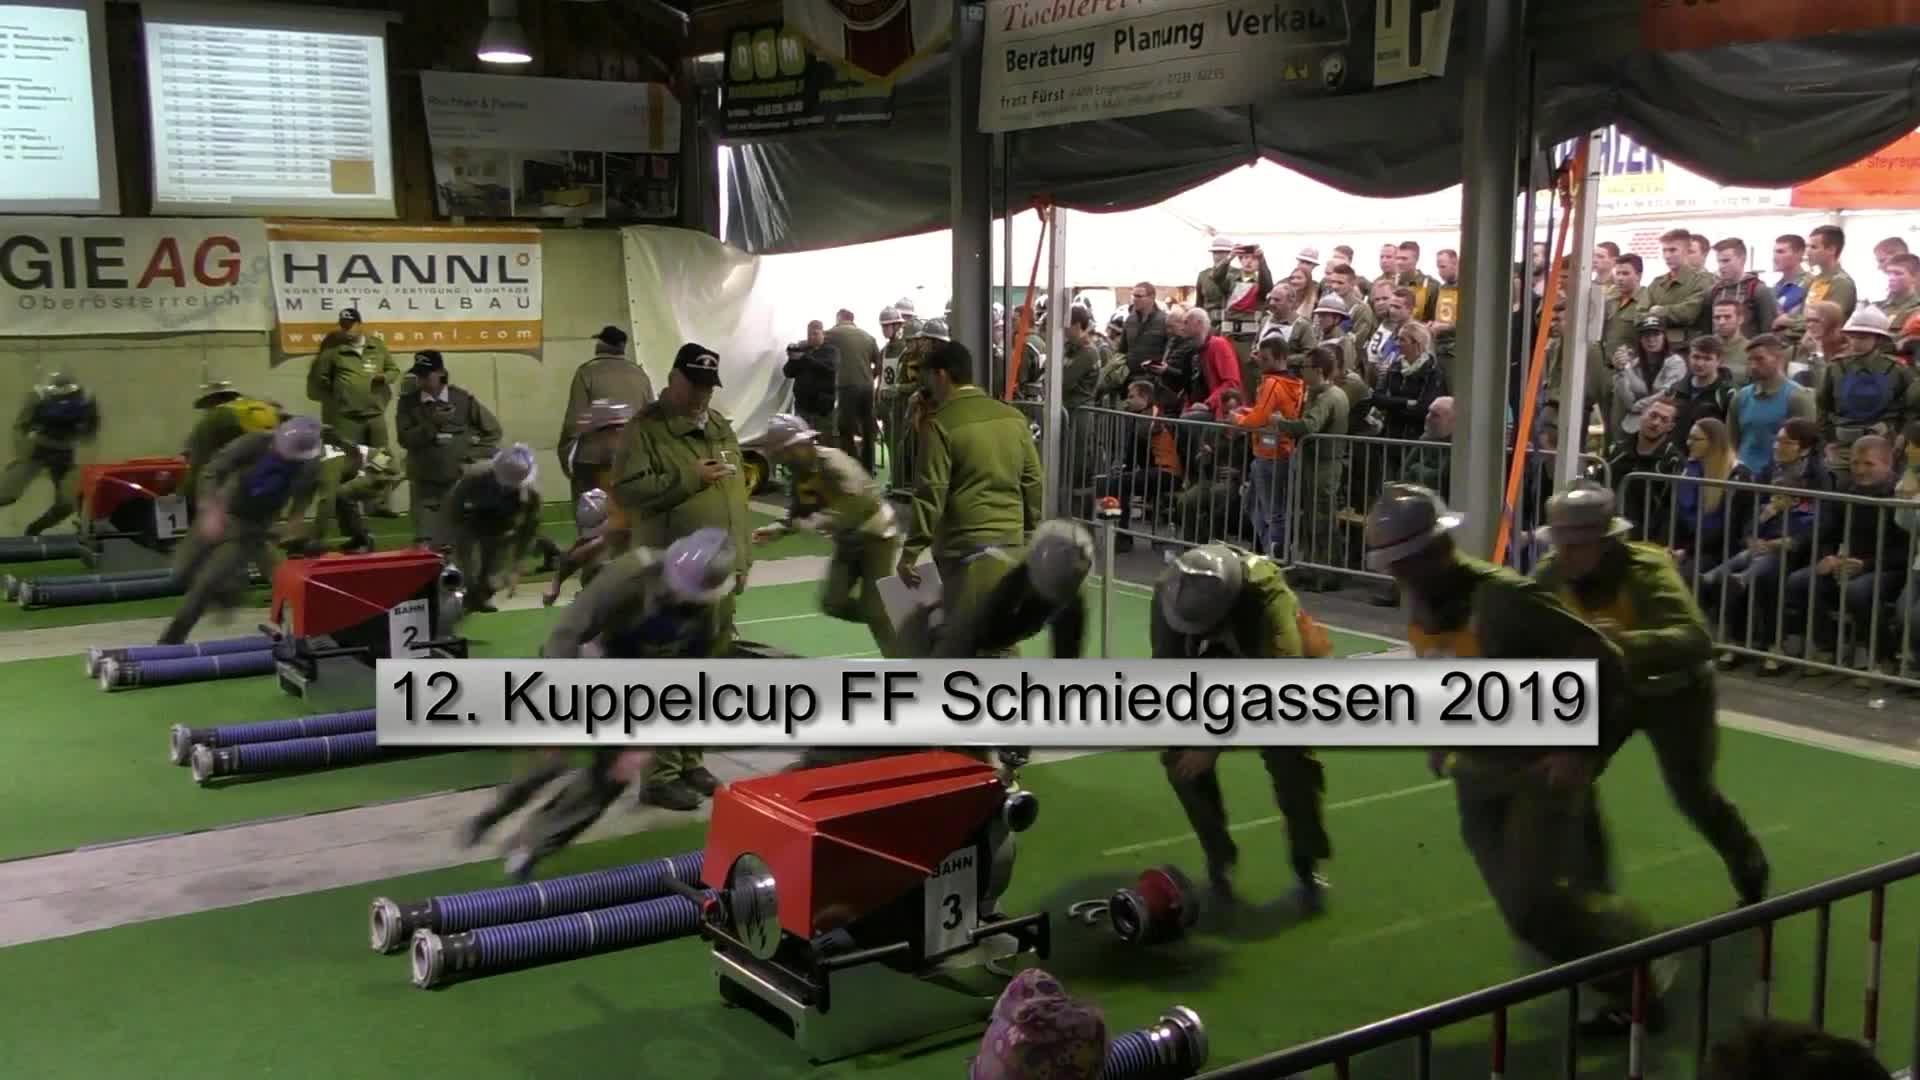 12. Kuppelcup FF Schmiedgassen 2019